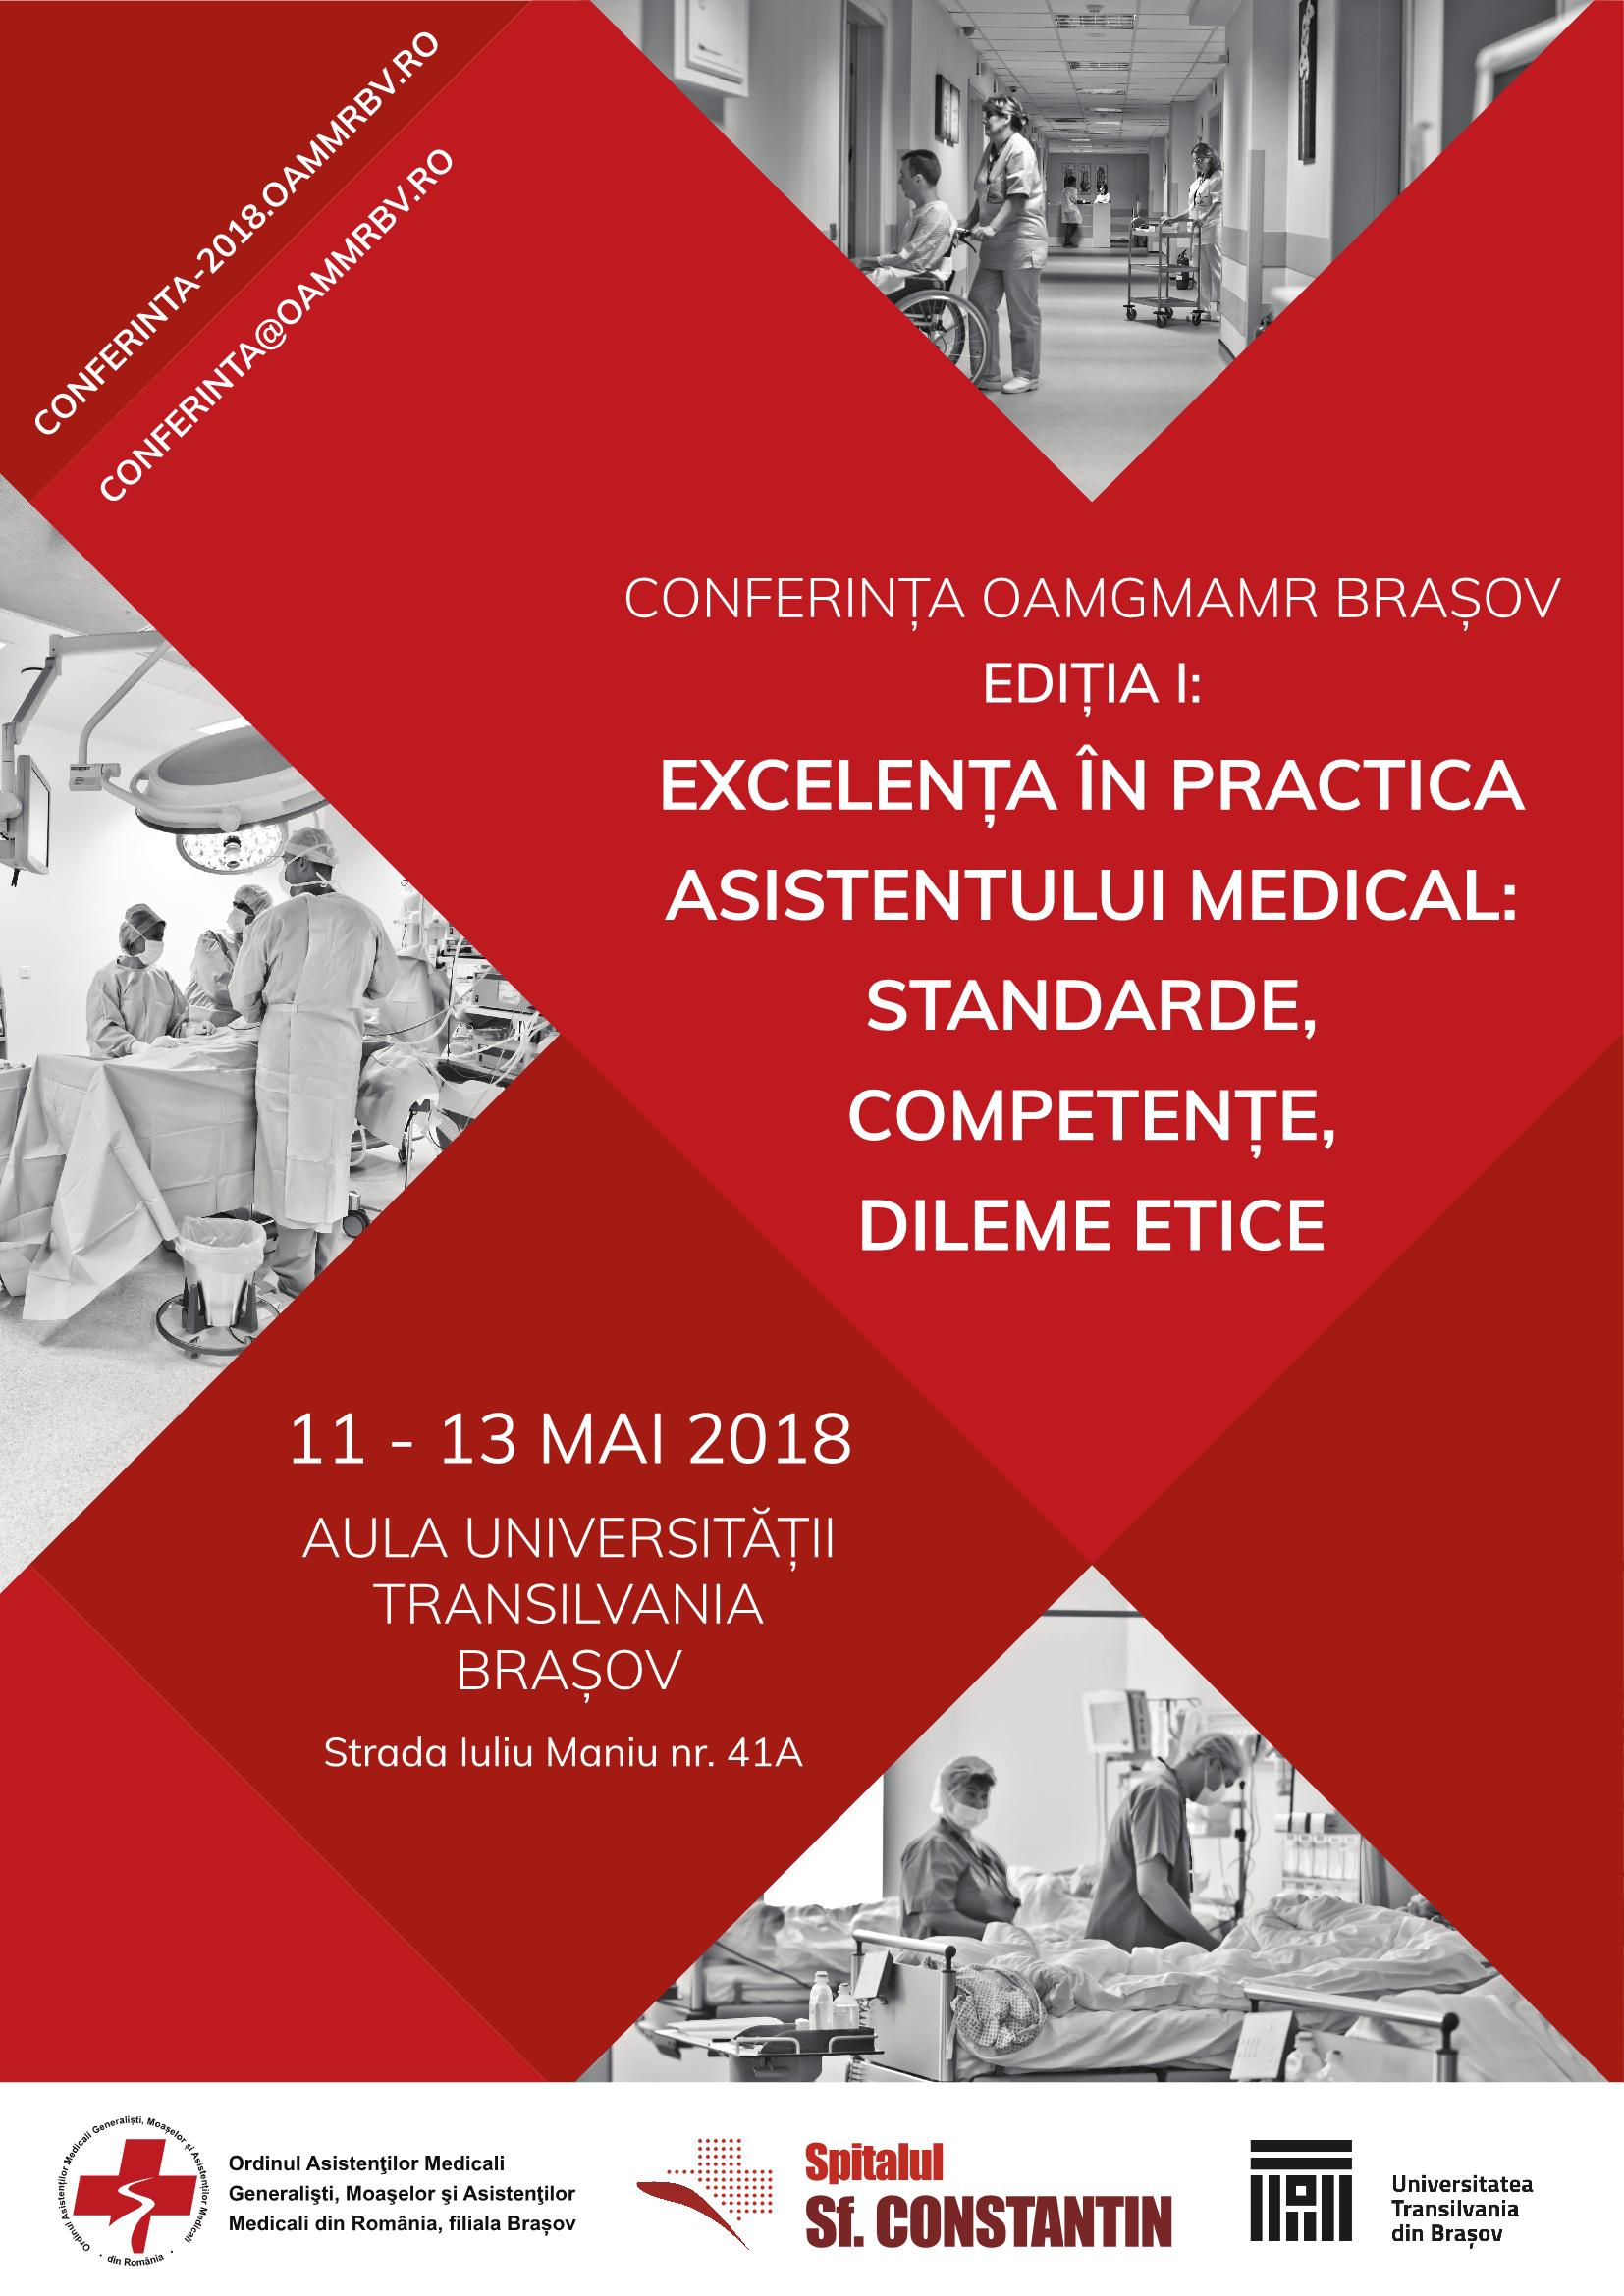 CONFERINȚA OAMGMAMR BRAȘOV EDIȚIA I: Excelența în practica asistentului medical: standarde, competențe, dileme etice